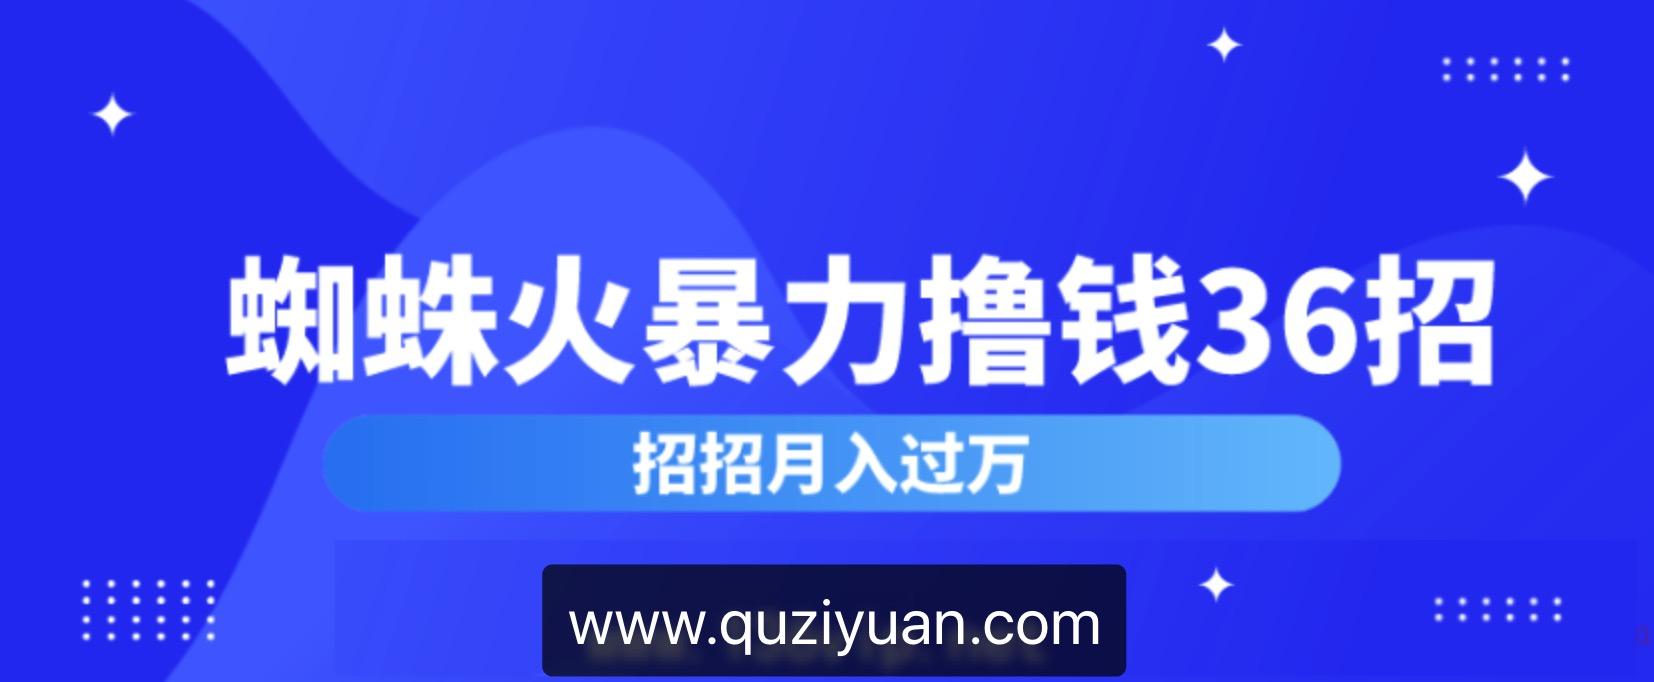 蜘蛛火暴力撸钱36招 百度网盘